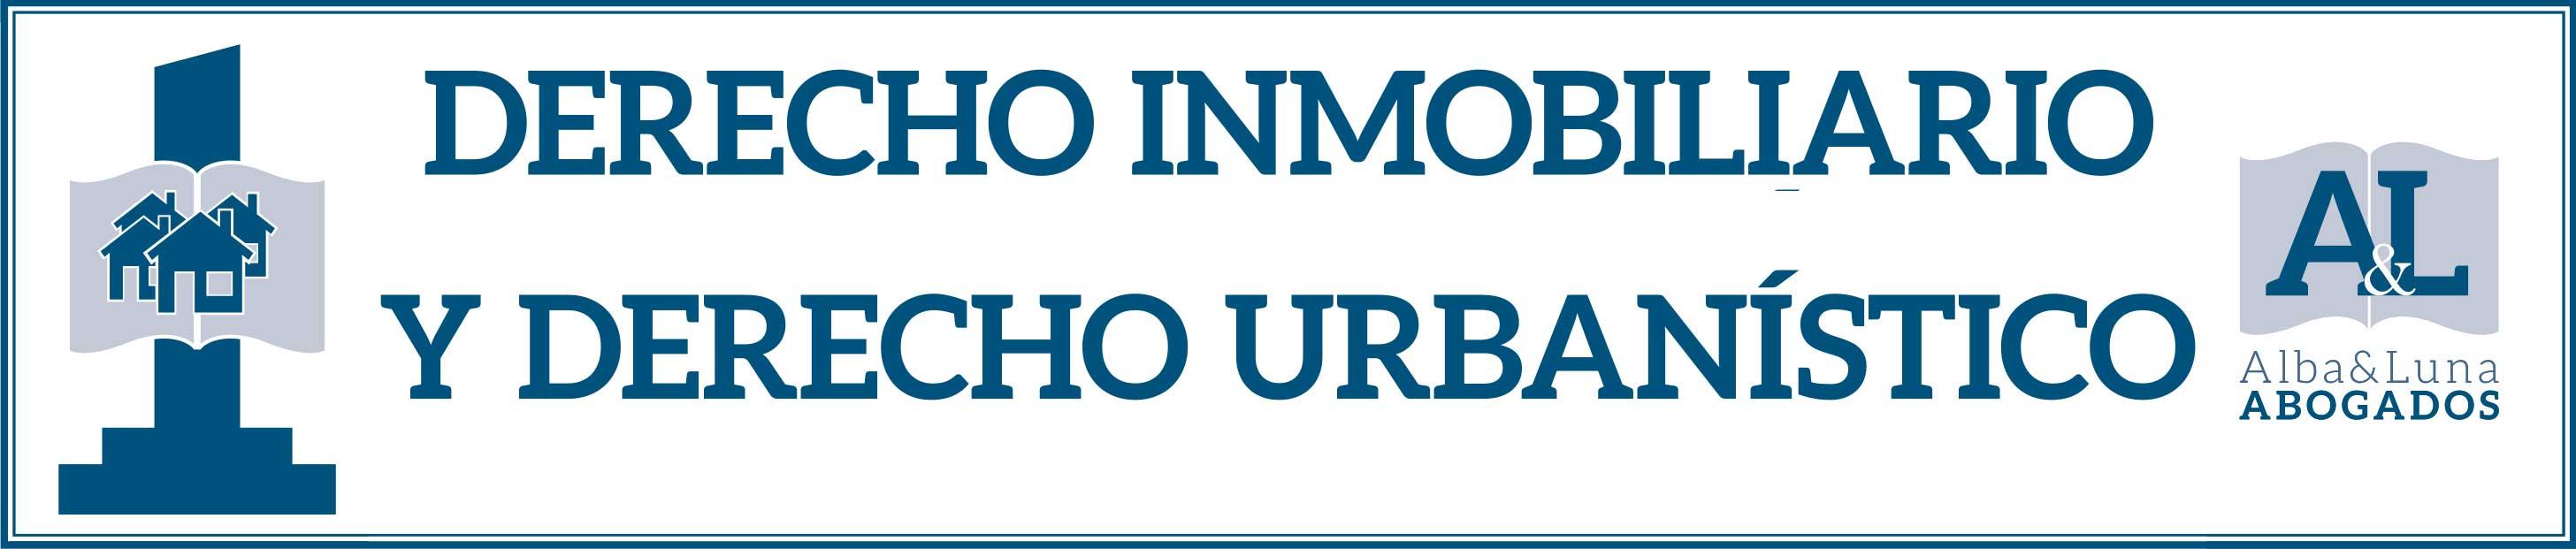 Derecho Inmobiliario y Derecho Urbanístico